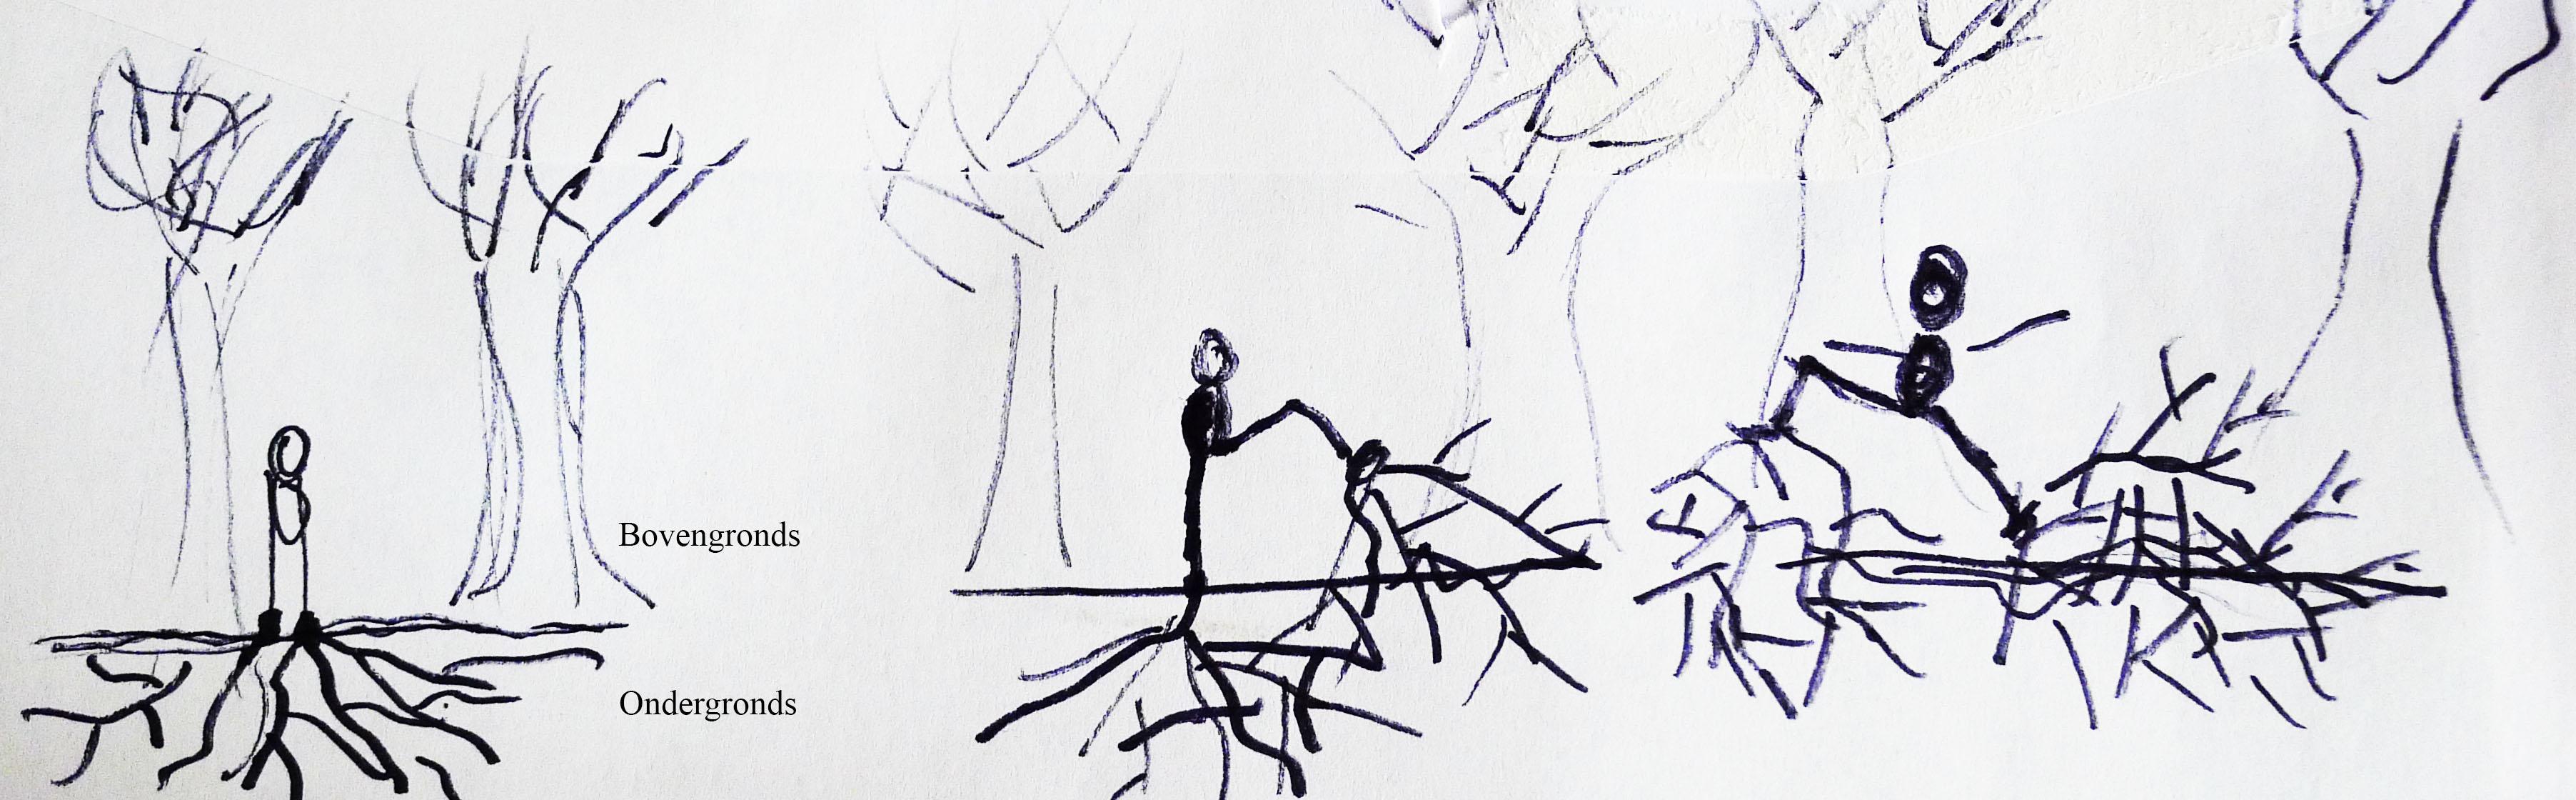 The corny sketch